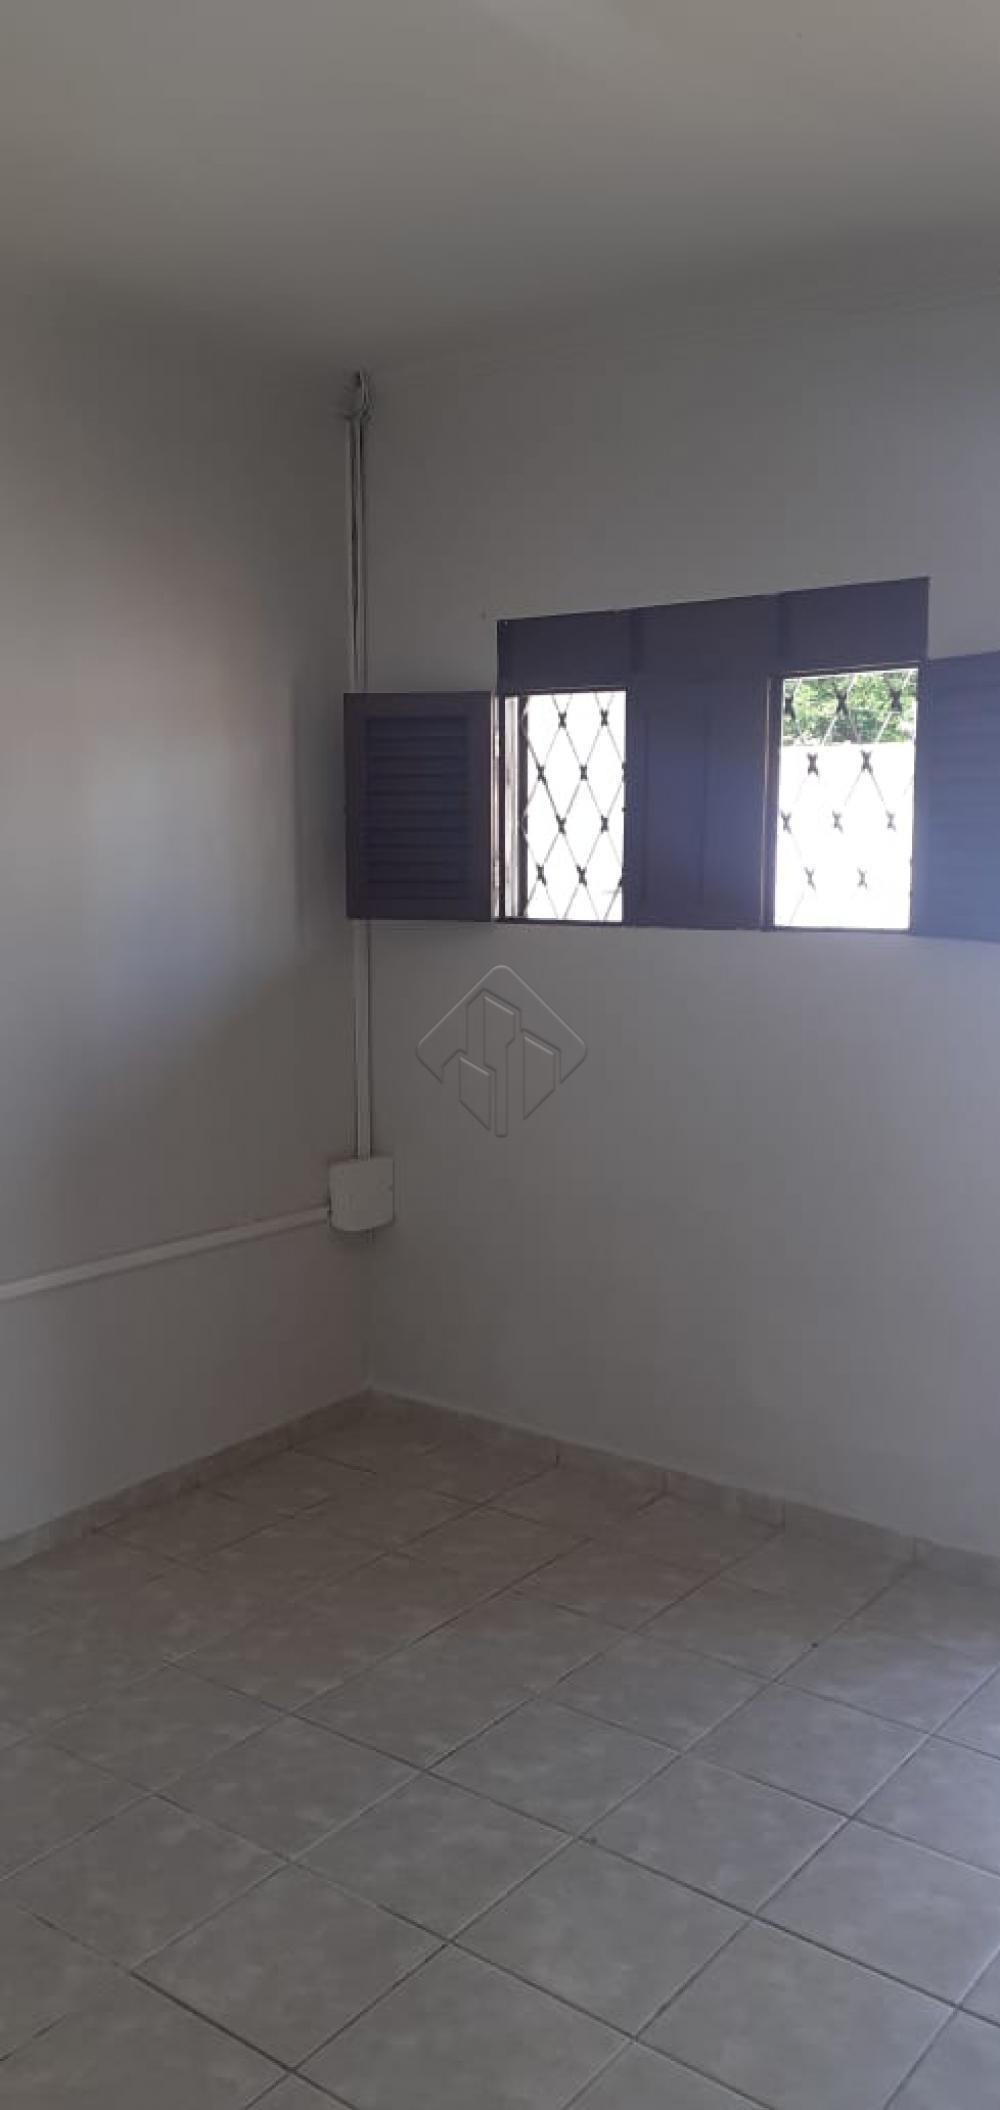 Sala cozinha banheiro 2 dormitórios